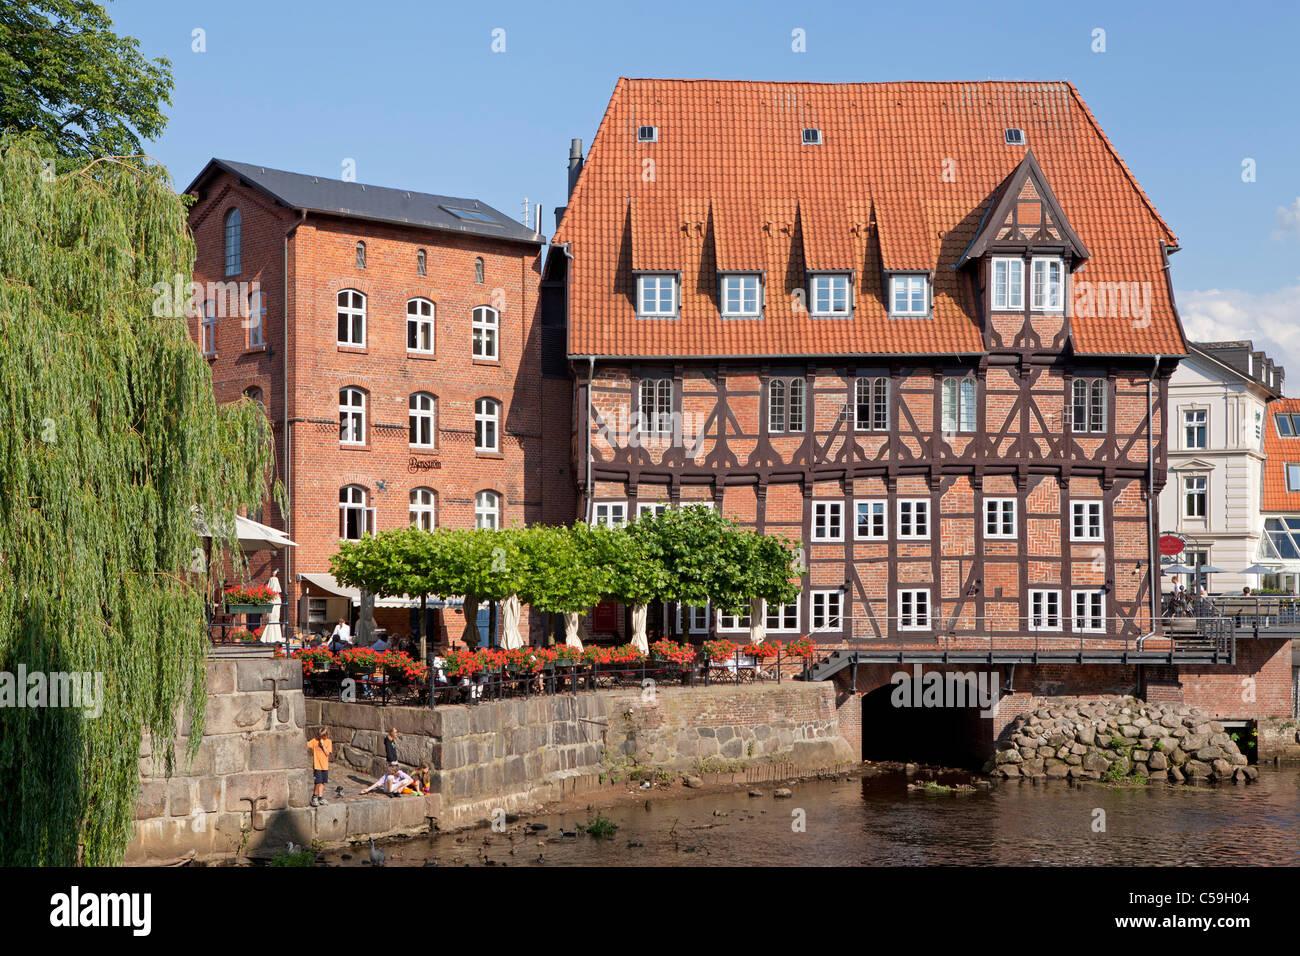 Restaurant 'Luener Muehle', Lueneburg, Lower Saxony, Germany - Stock Image